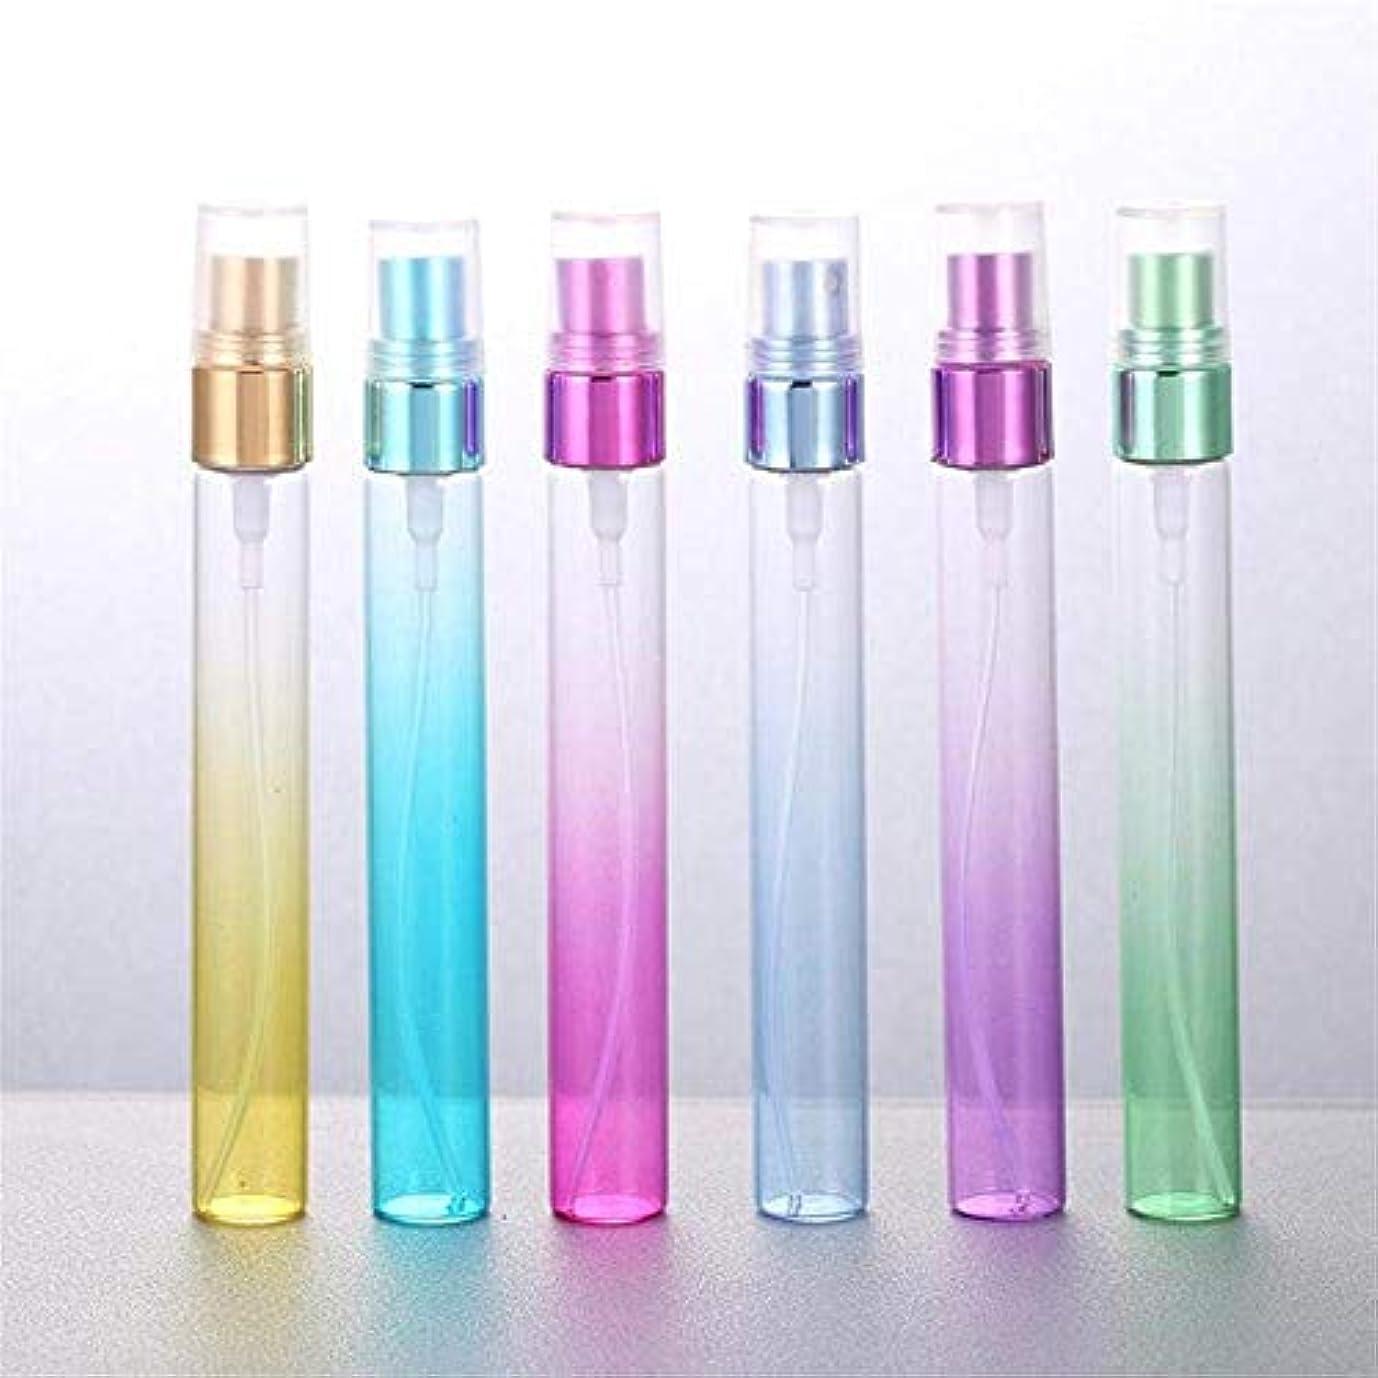 繊維追い付く投獄gundoop アトマイザー ミニ グラデーション色 詰め替えボトル 香水瓶 化粧水用瓶 アトマイザー ポンプ 6個 10ml (グラデーション色)